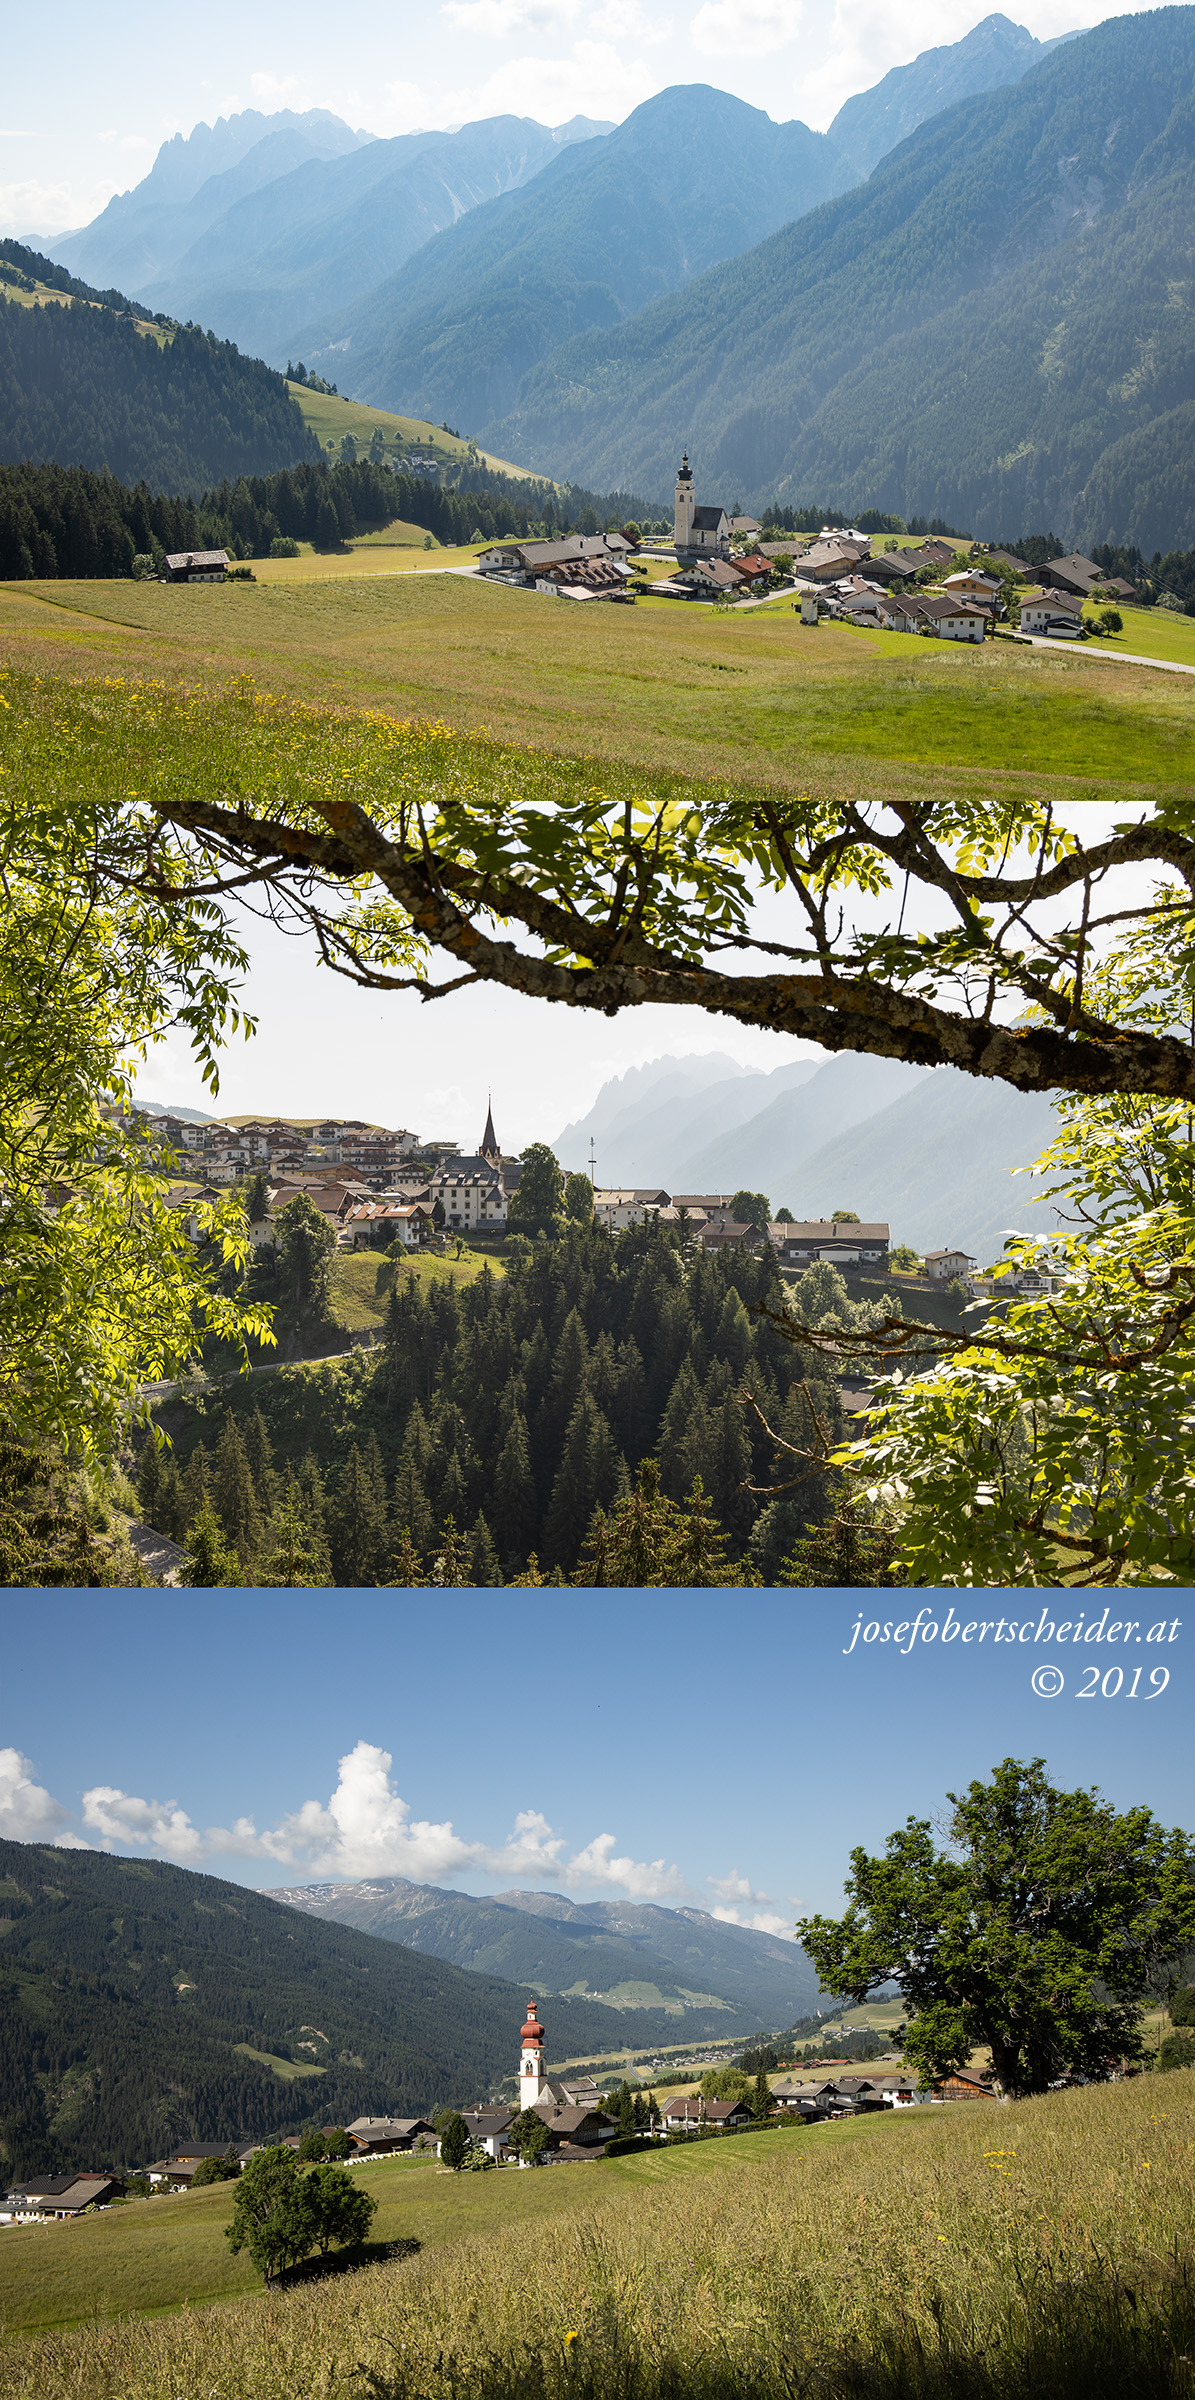 Gemeinde Anras feiert 1250 Jahre